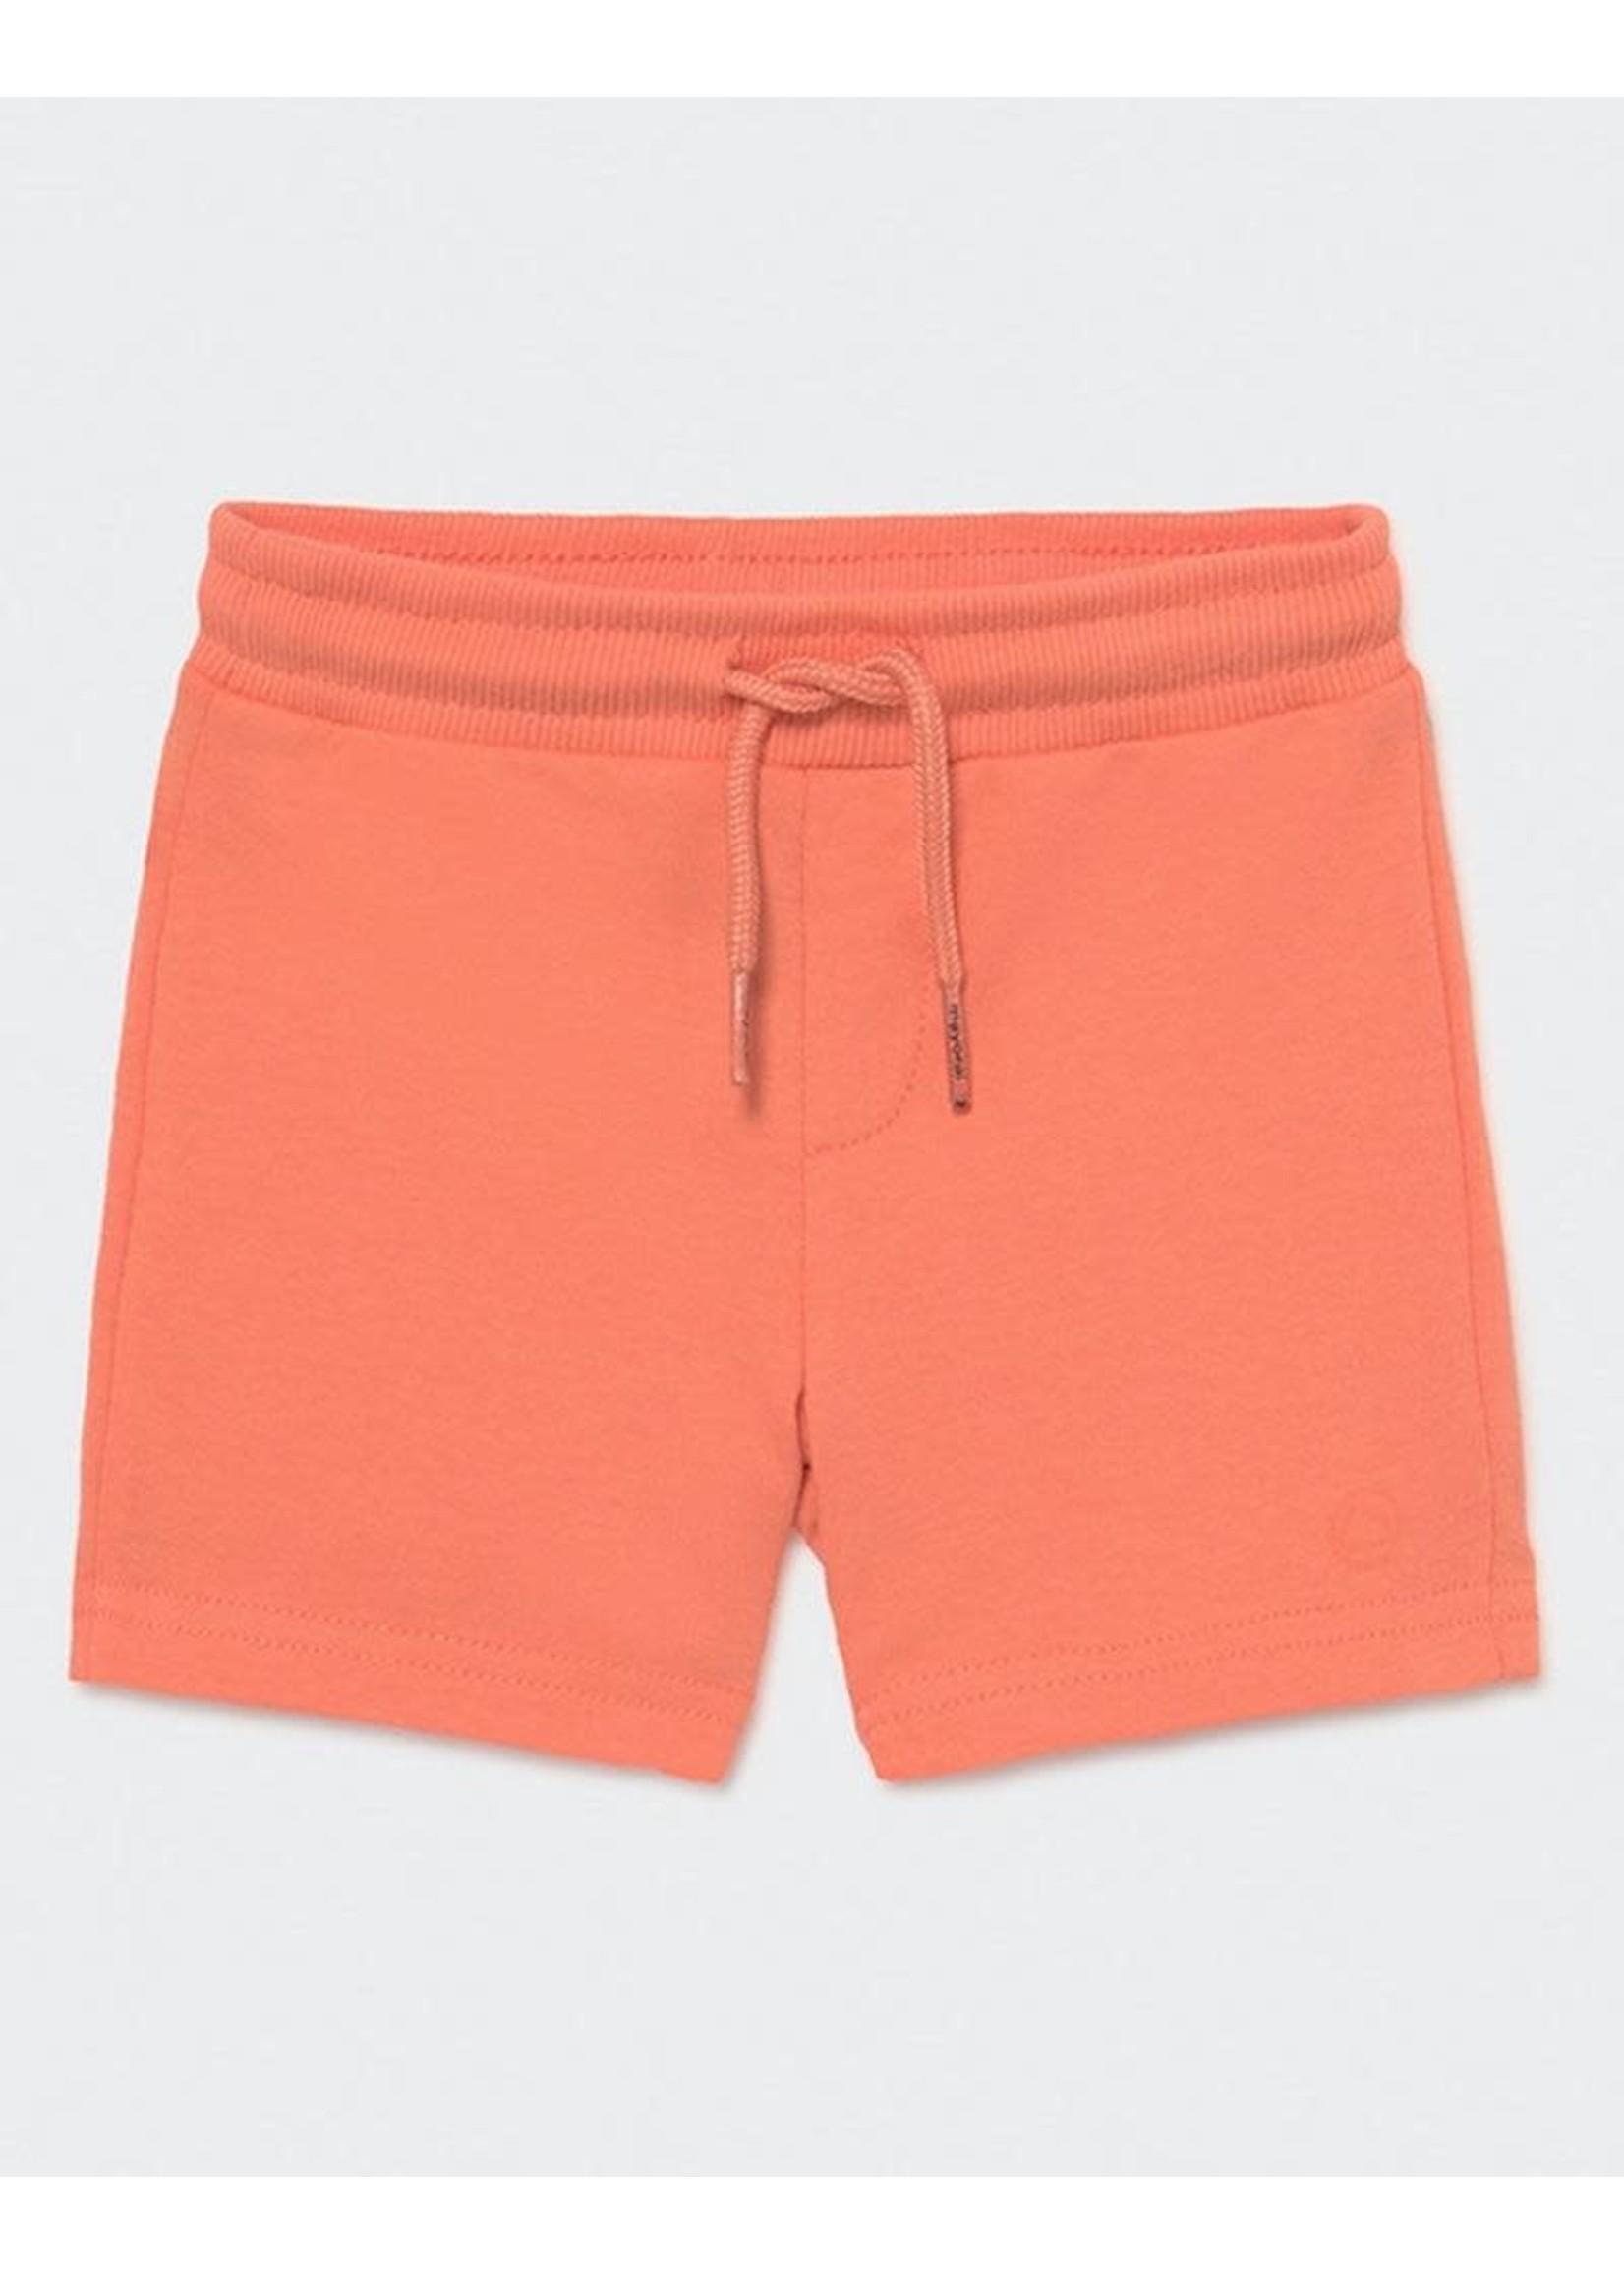 Mayoral Mayoral, Mango Basic Plush Baby Shorts